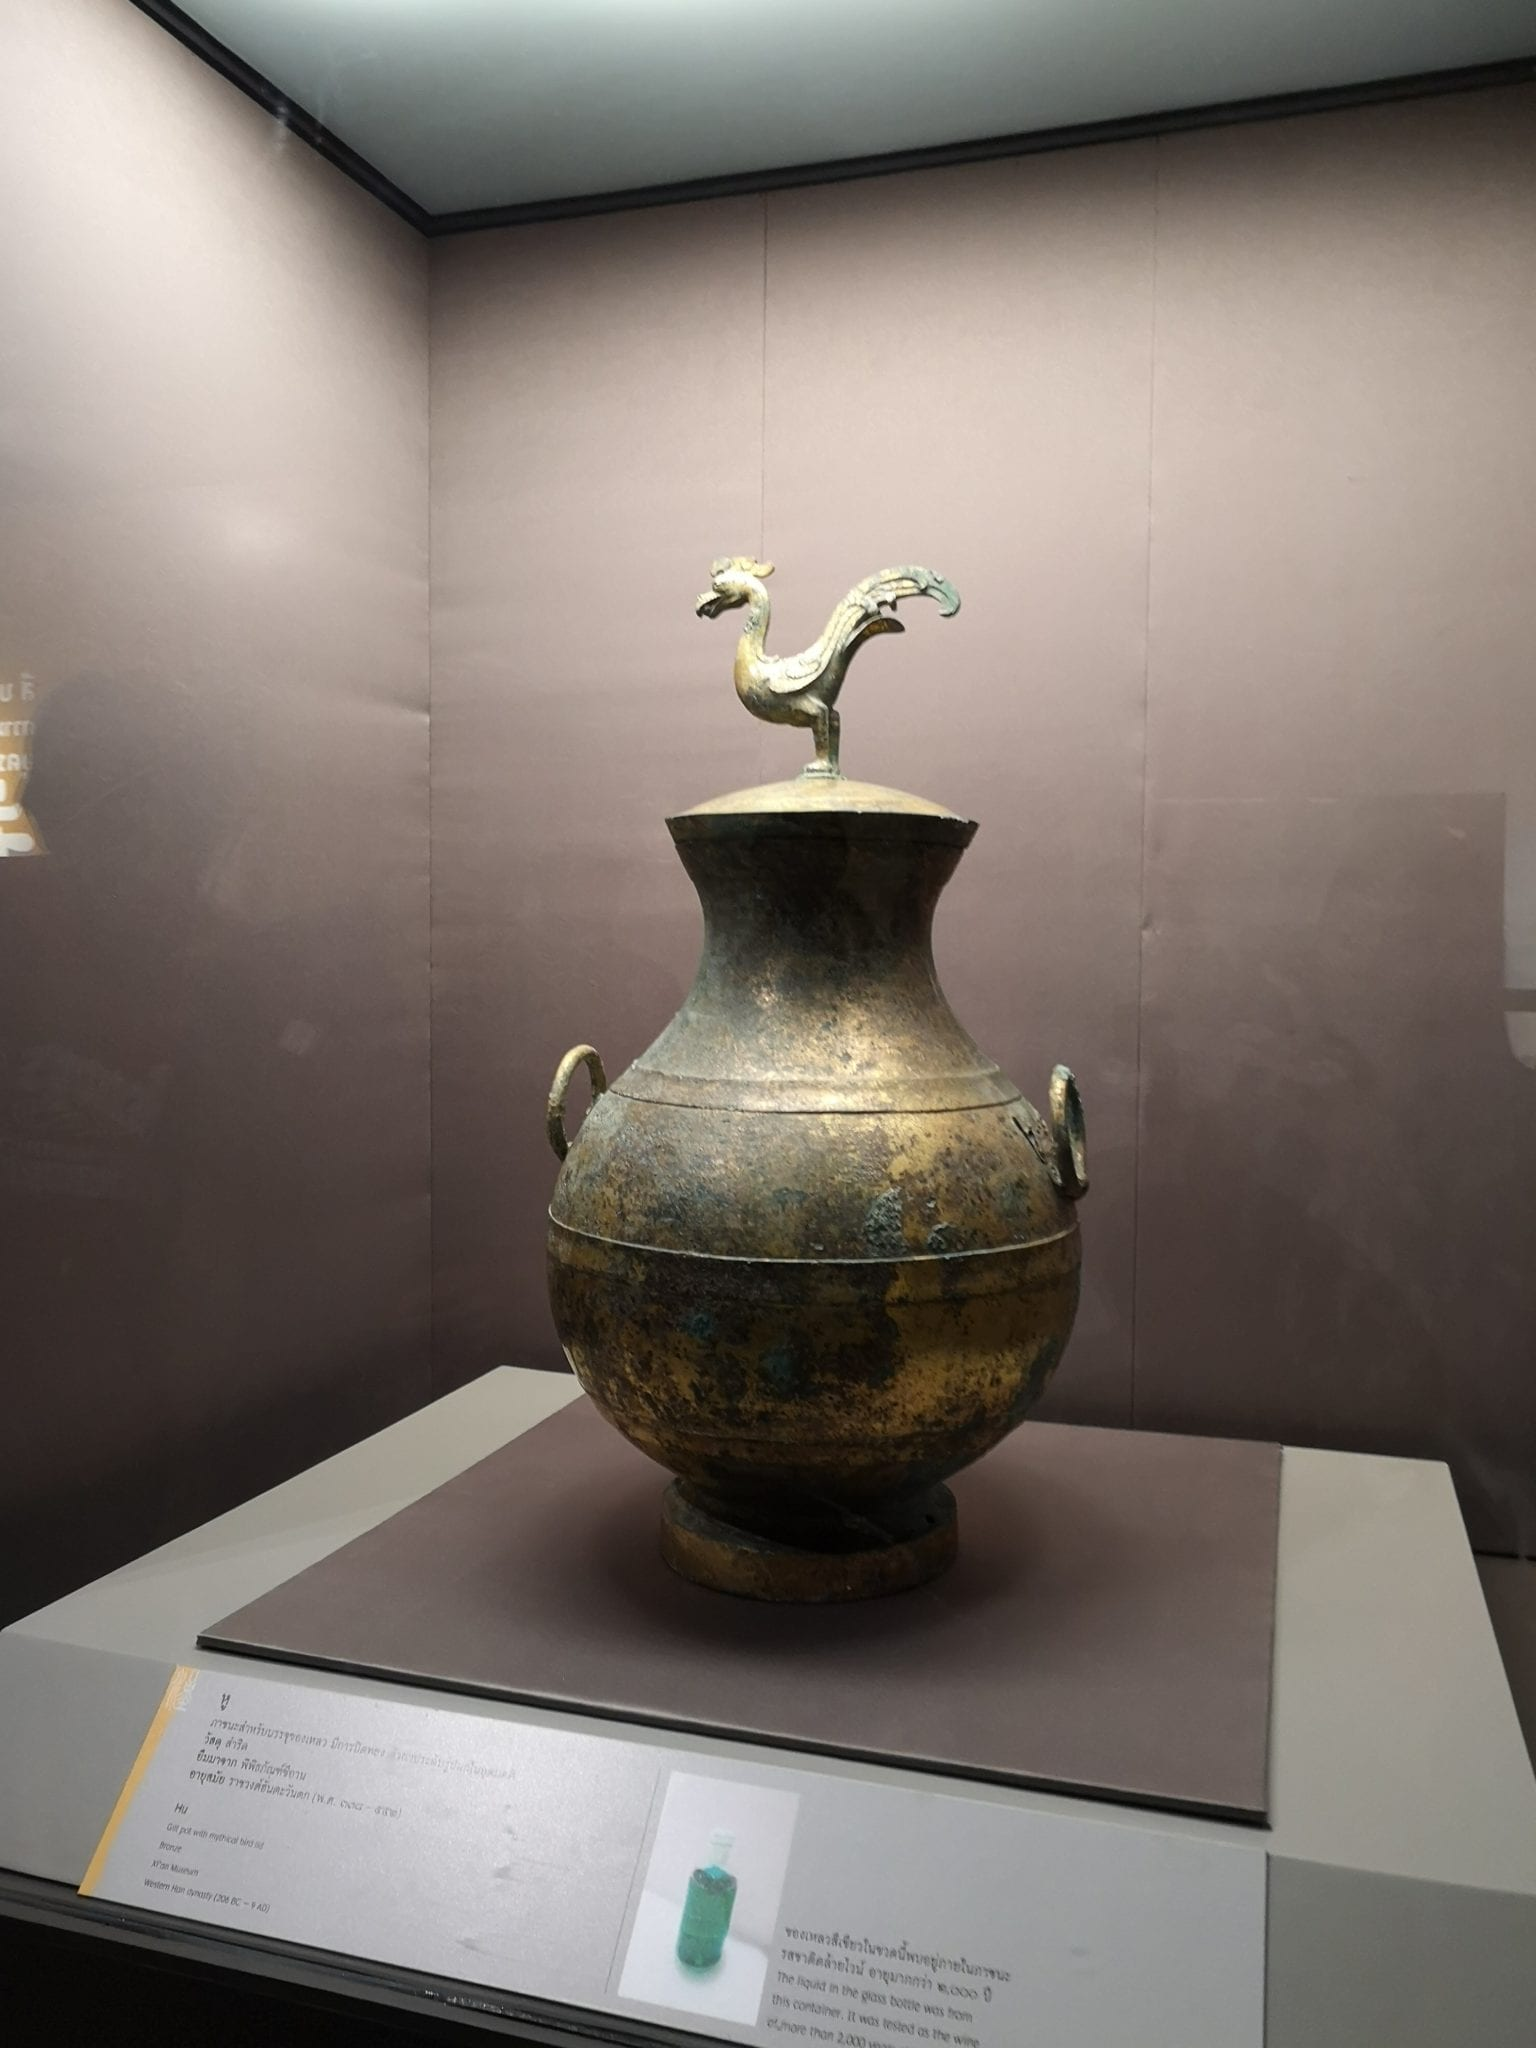 นิทรรศการ, พิพิธภัณฑสถานแห่งชาติ พระนคร, จิ๋นซีฮ่องเต้,สุสานจิ๋นซี